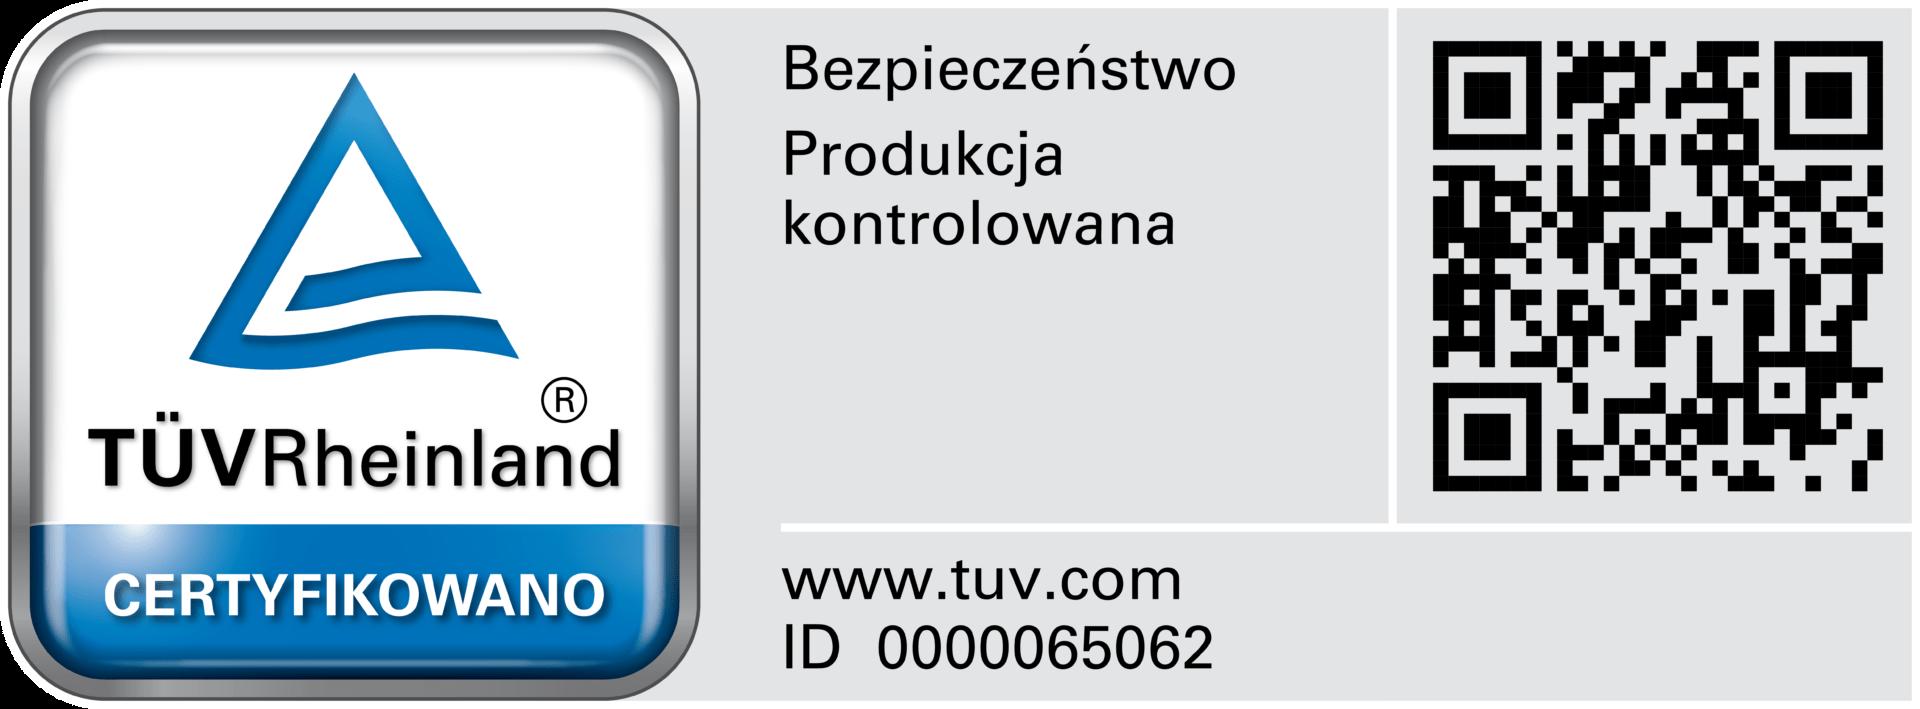 TR Testmark 0000065062 PL CMYK with QR Code hi res